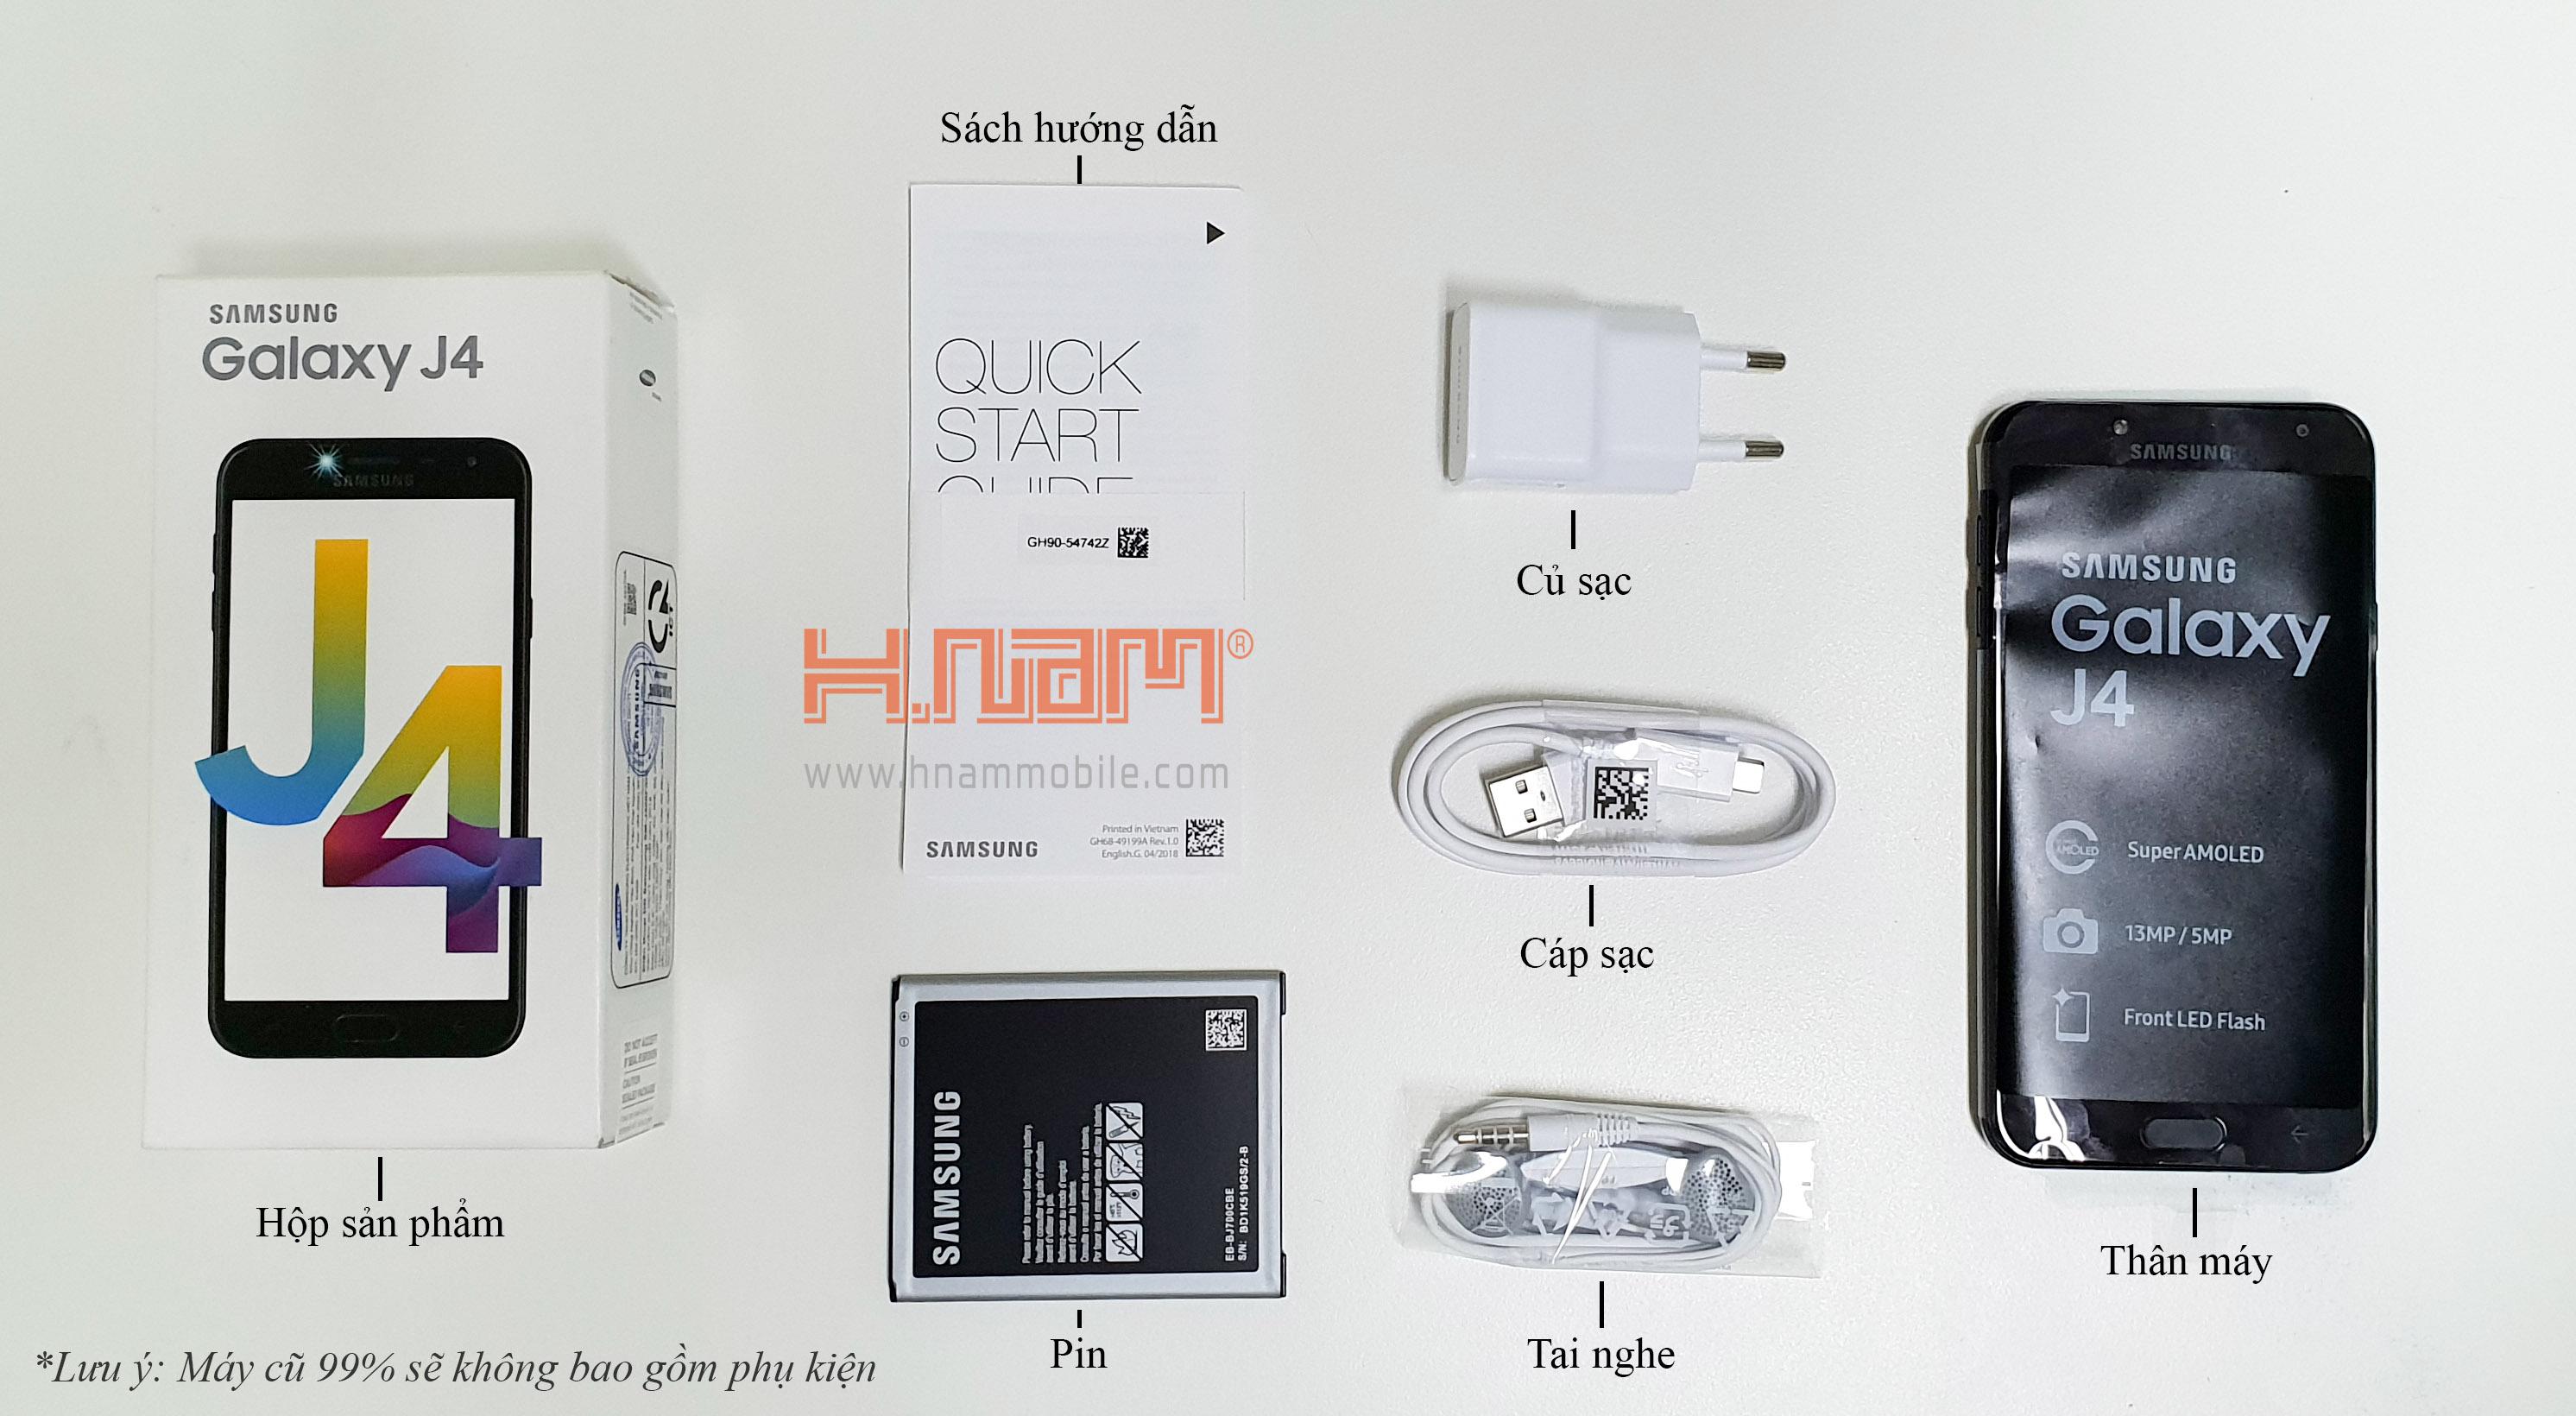 Samsung Galaxy J4 2018 J400 hình sản phẩm 0